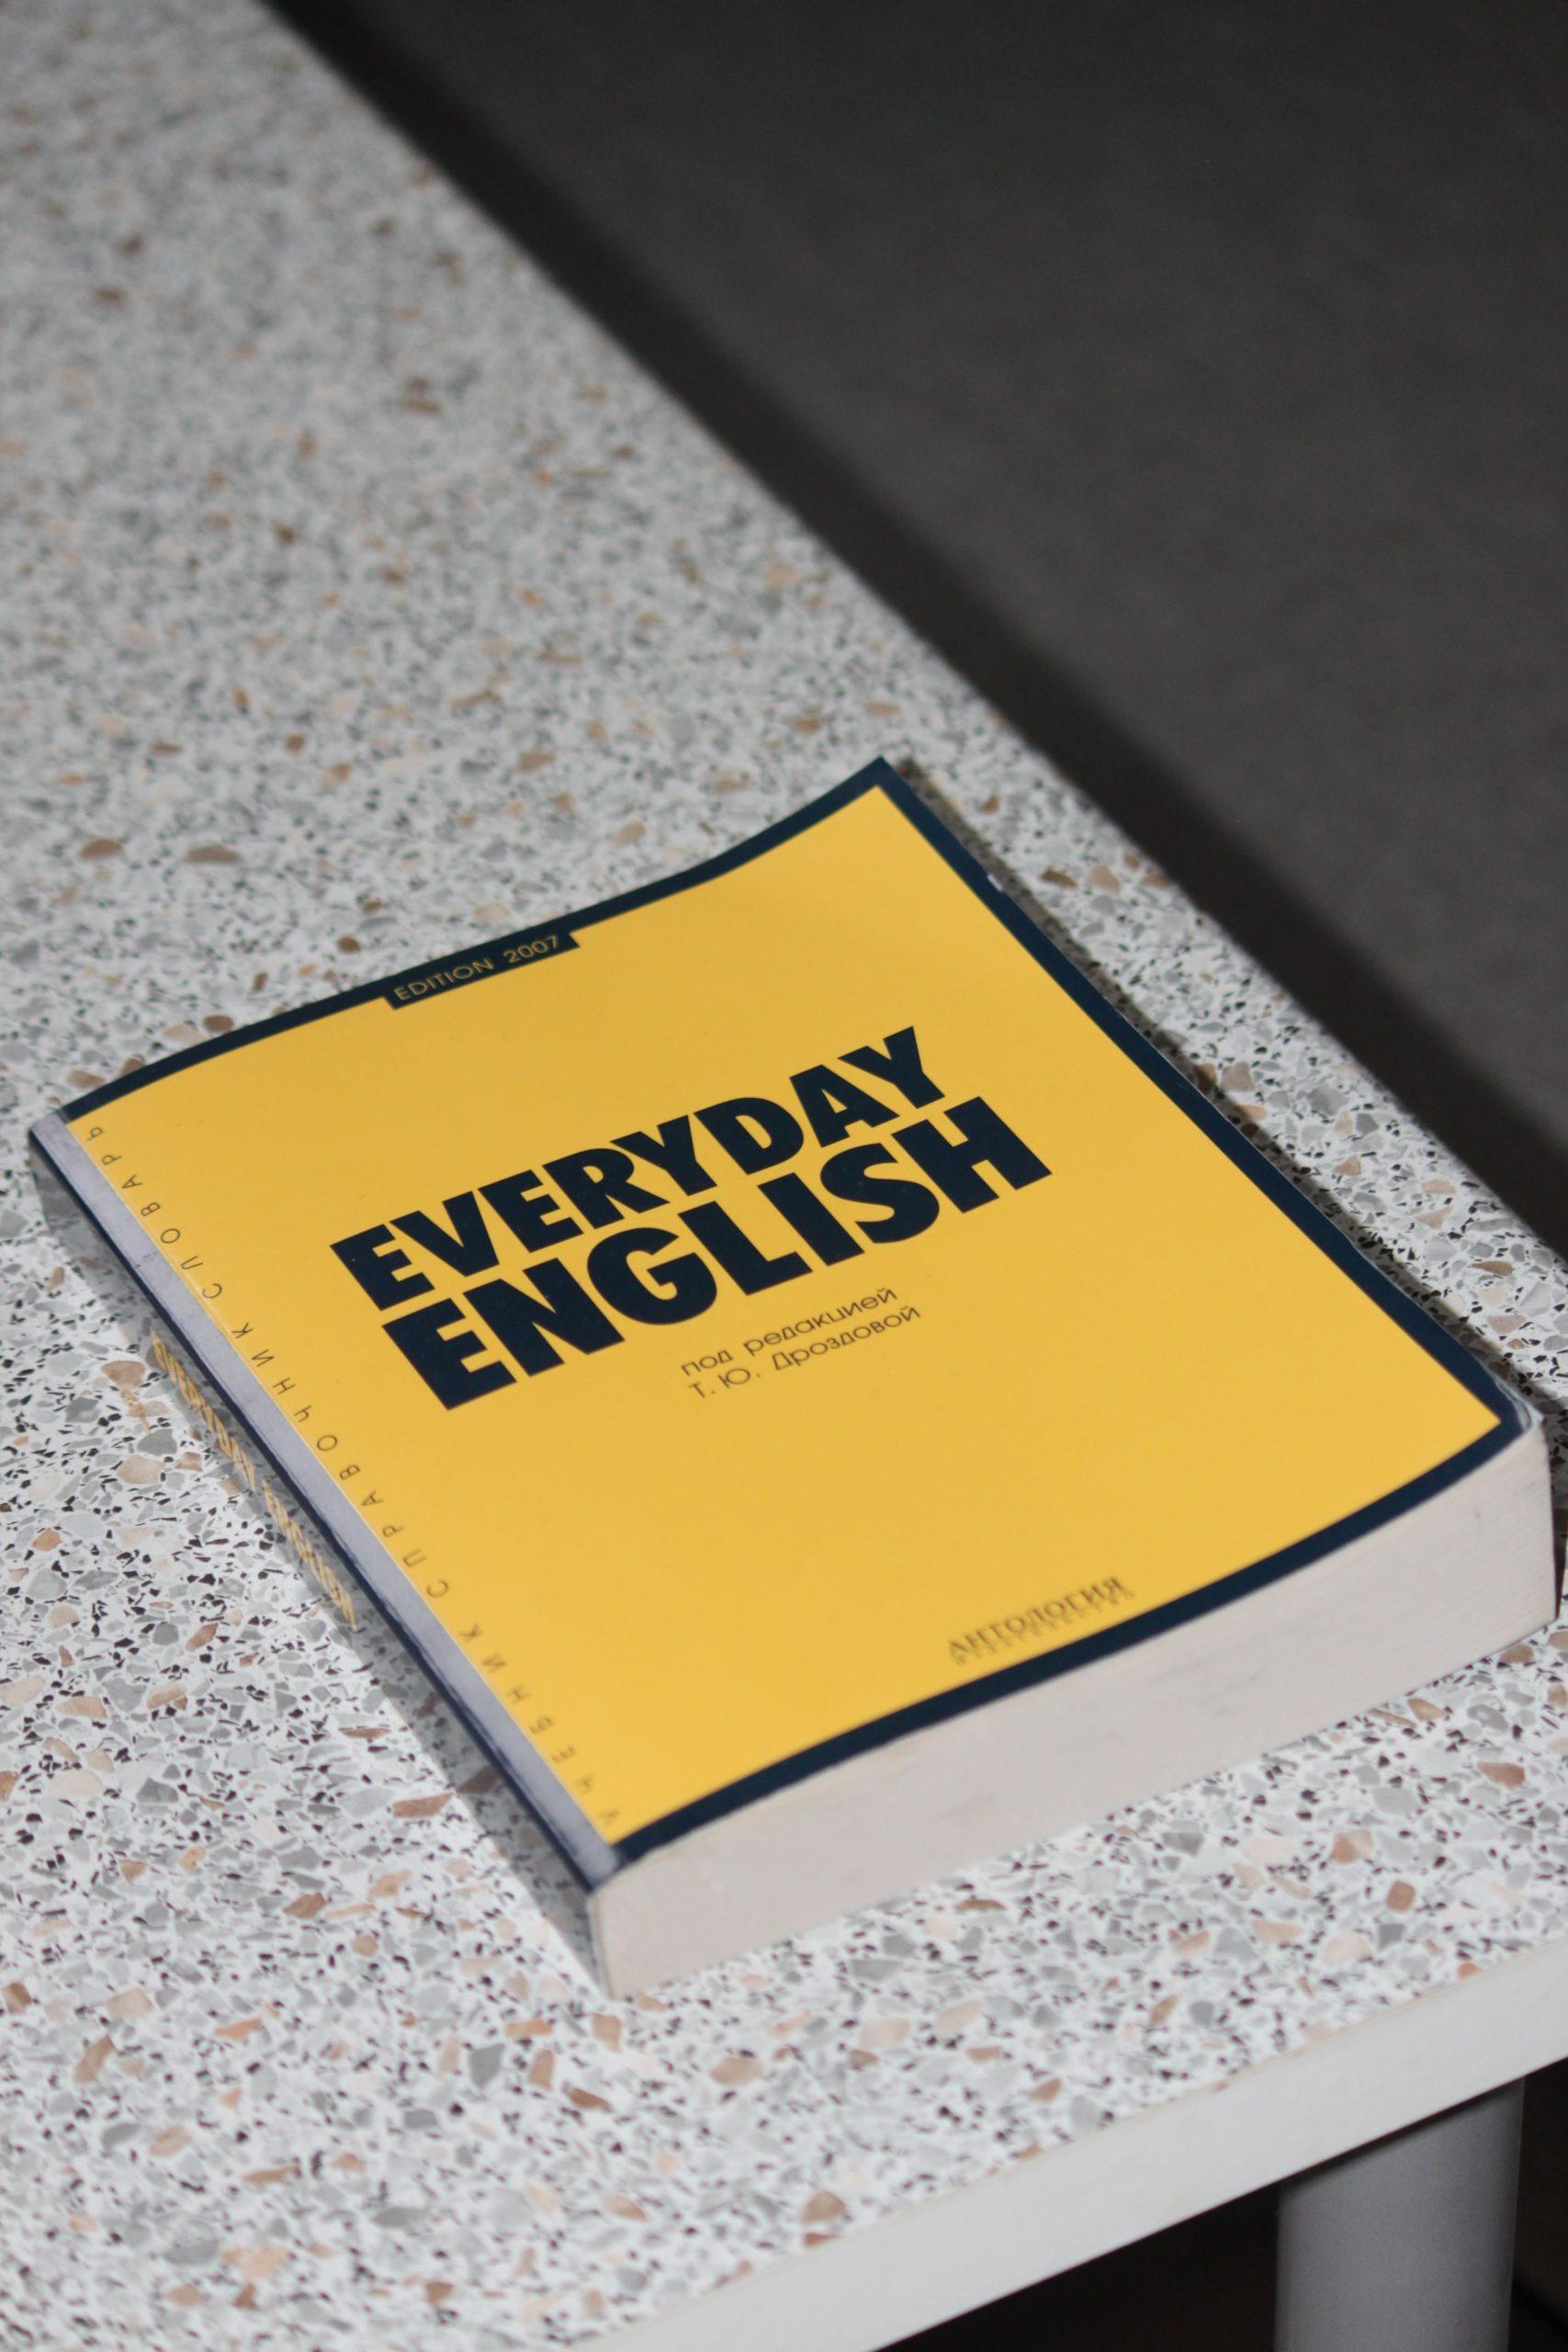 英会話の独学での勉強方法